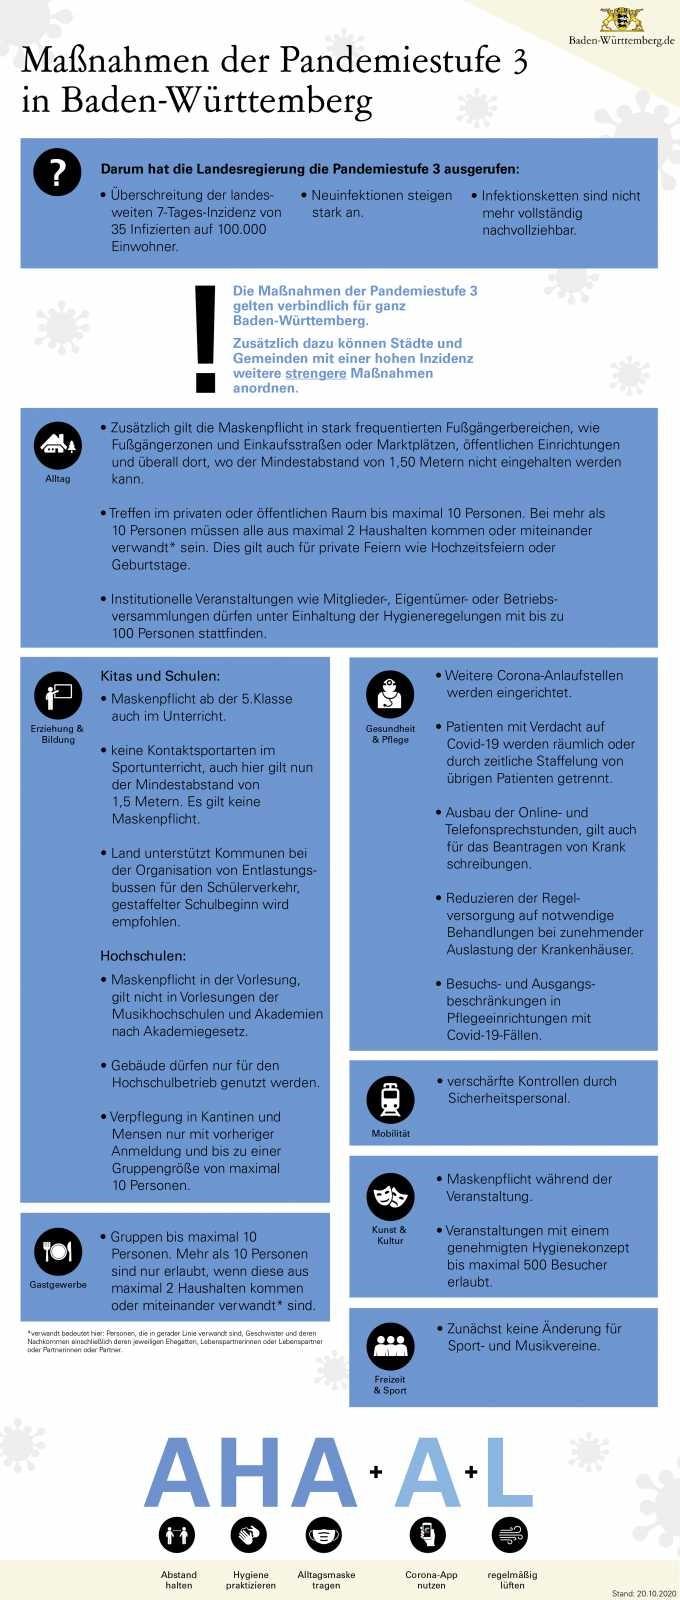 2020 10 20 Schaubild Massnahmen der Pandemiestufe 3 der Landesregierung - Neue Corona-Regeln für Baden-Württemberg